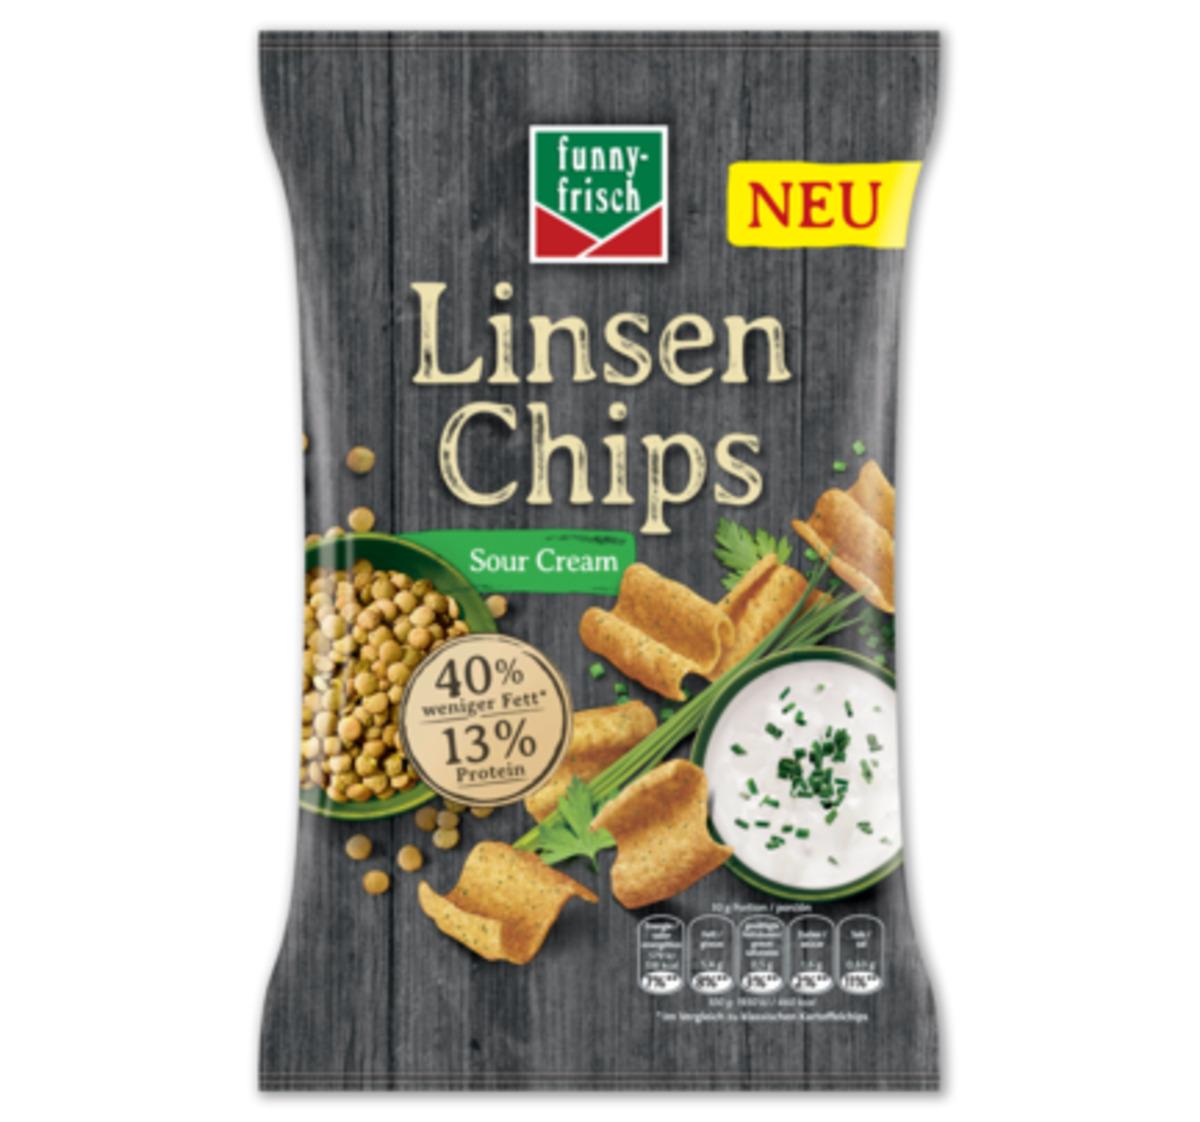 Bild 2 von FUNNY-FRISCH Linsen Chips